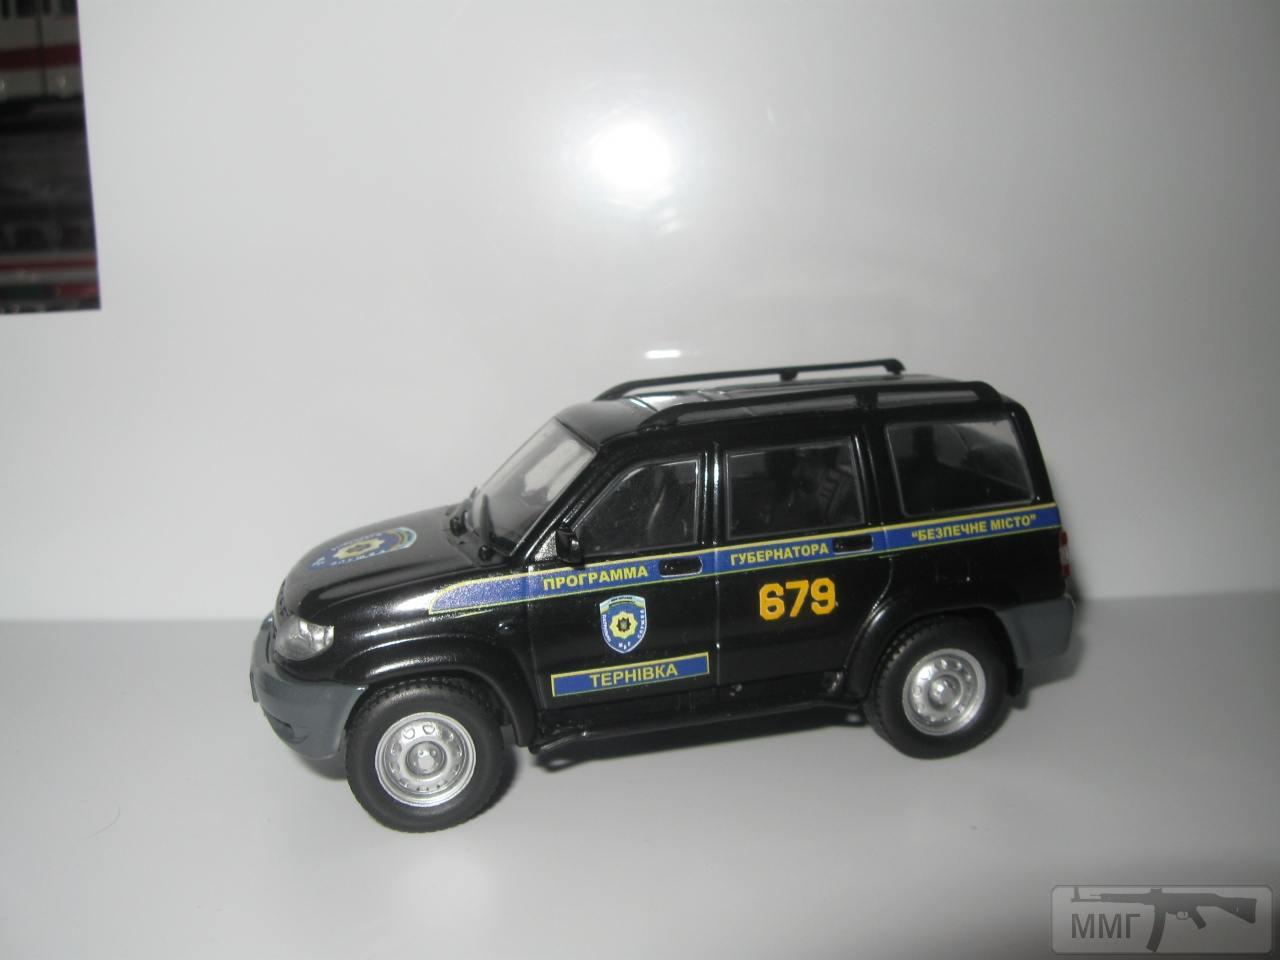 33878 - Модели легковых автомобилей